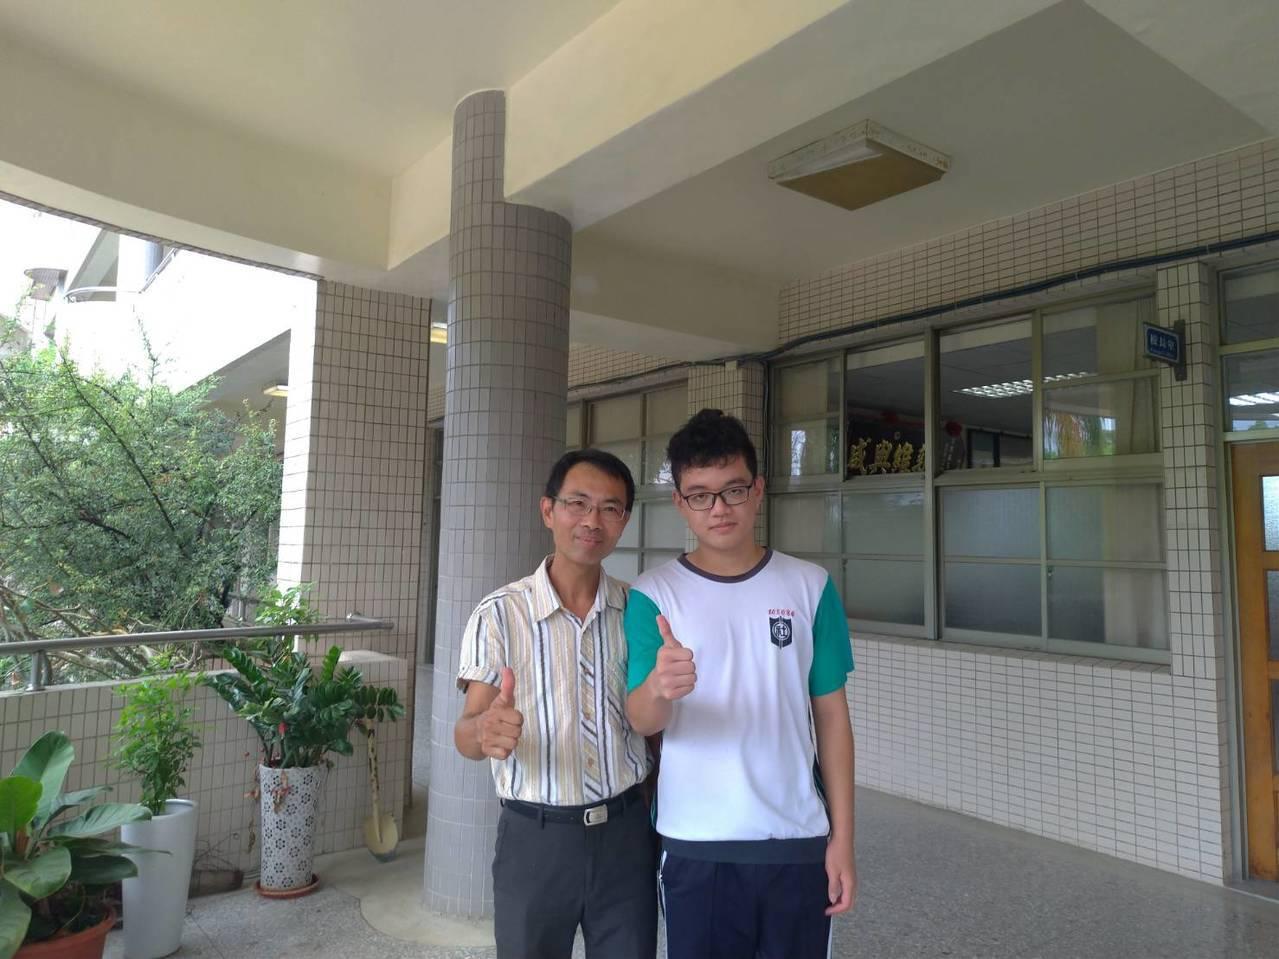 社頭國中學生蘇昱銓(右)在國中會考國文作文拿下滿分。圖/社頭國中提供